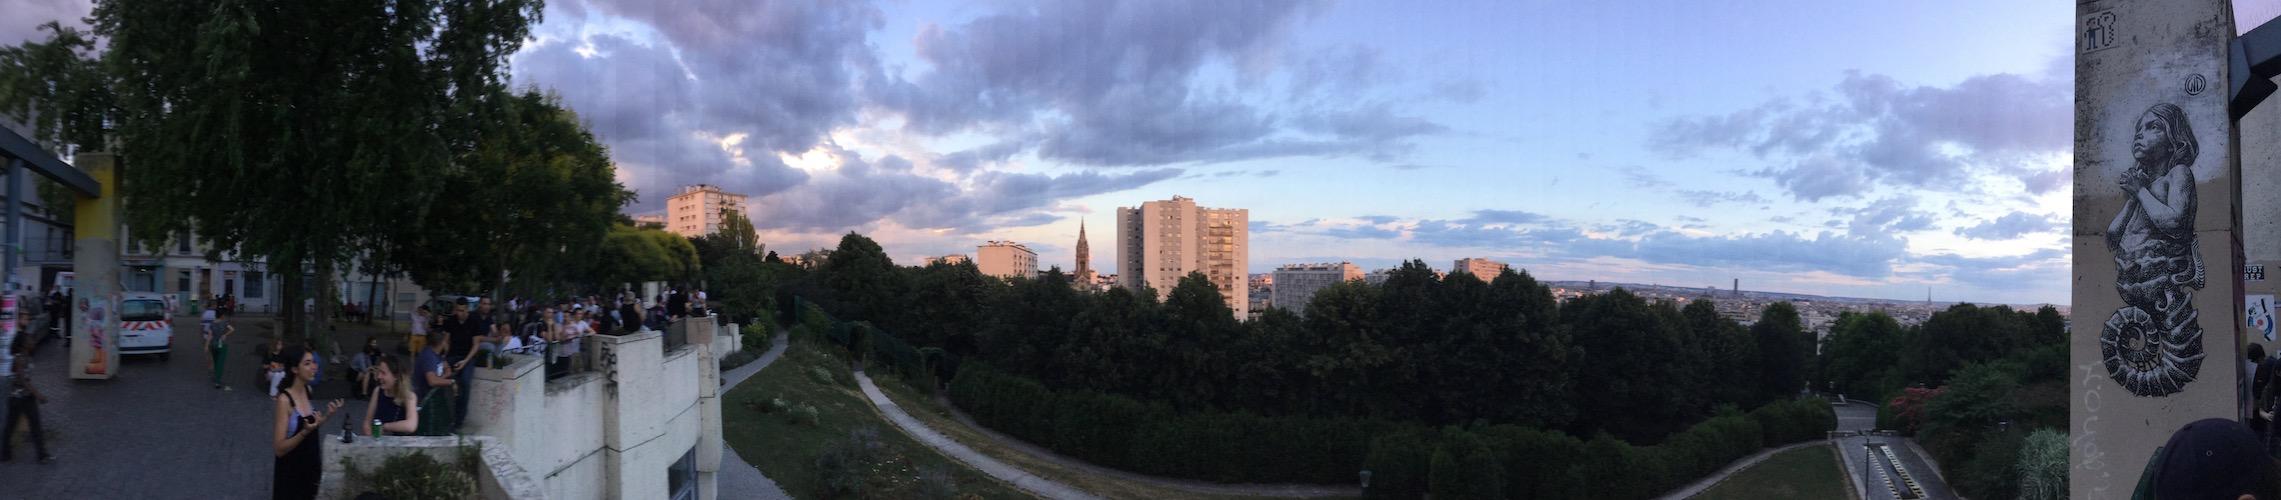 Parc de Belleville, rue des Envierges et rue Piat, Paris